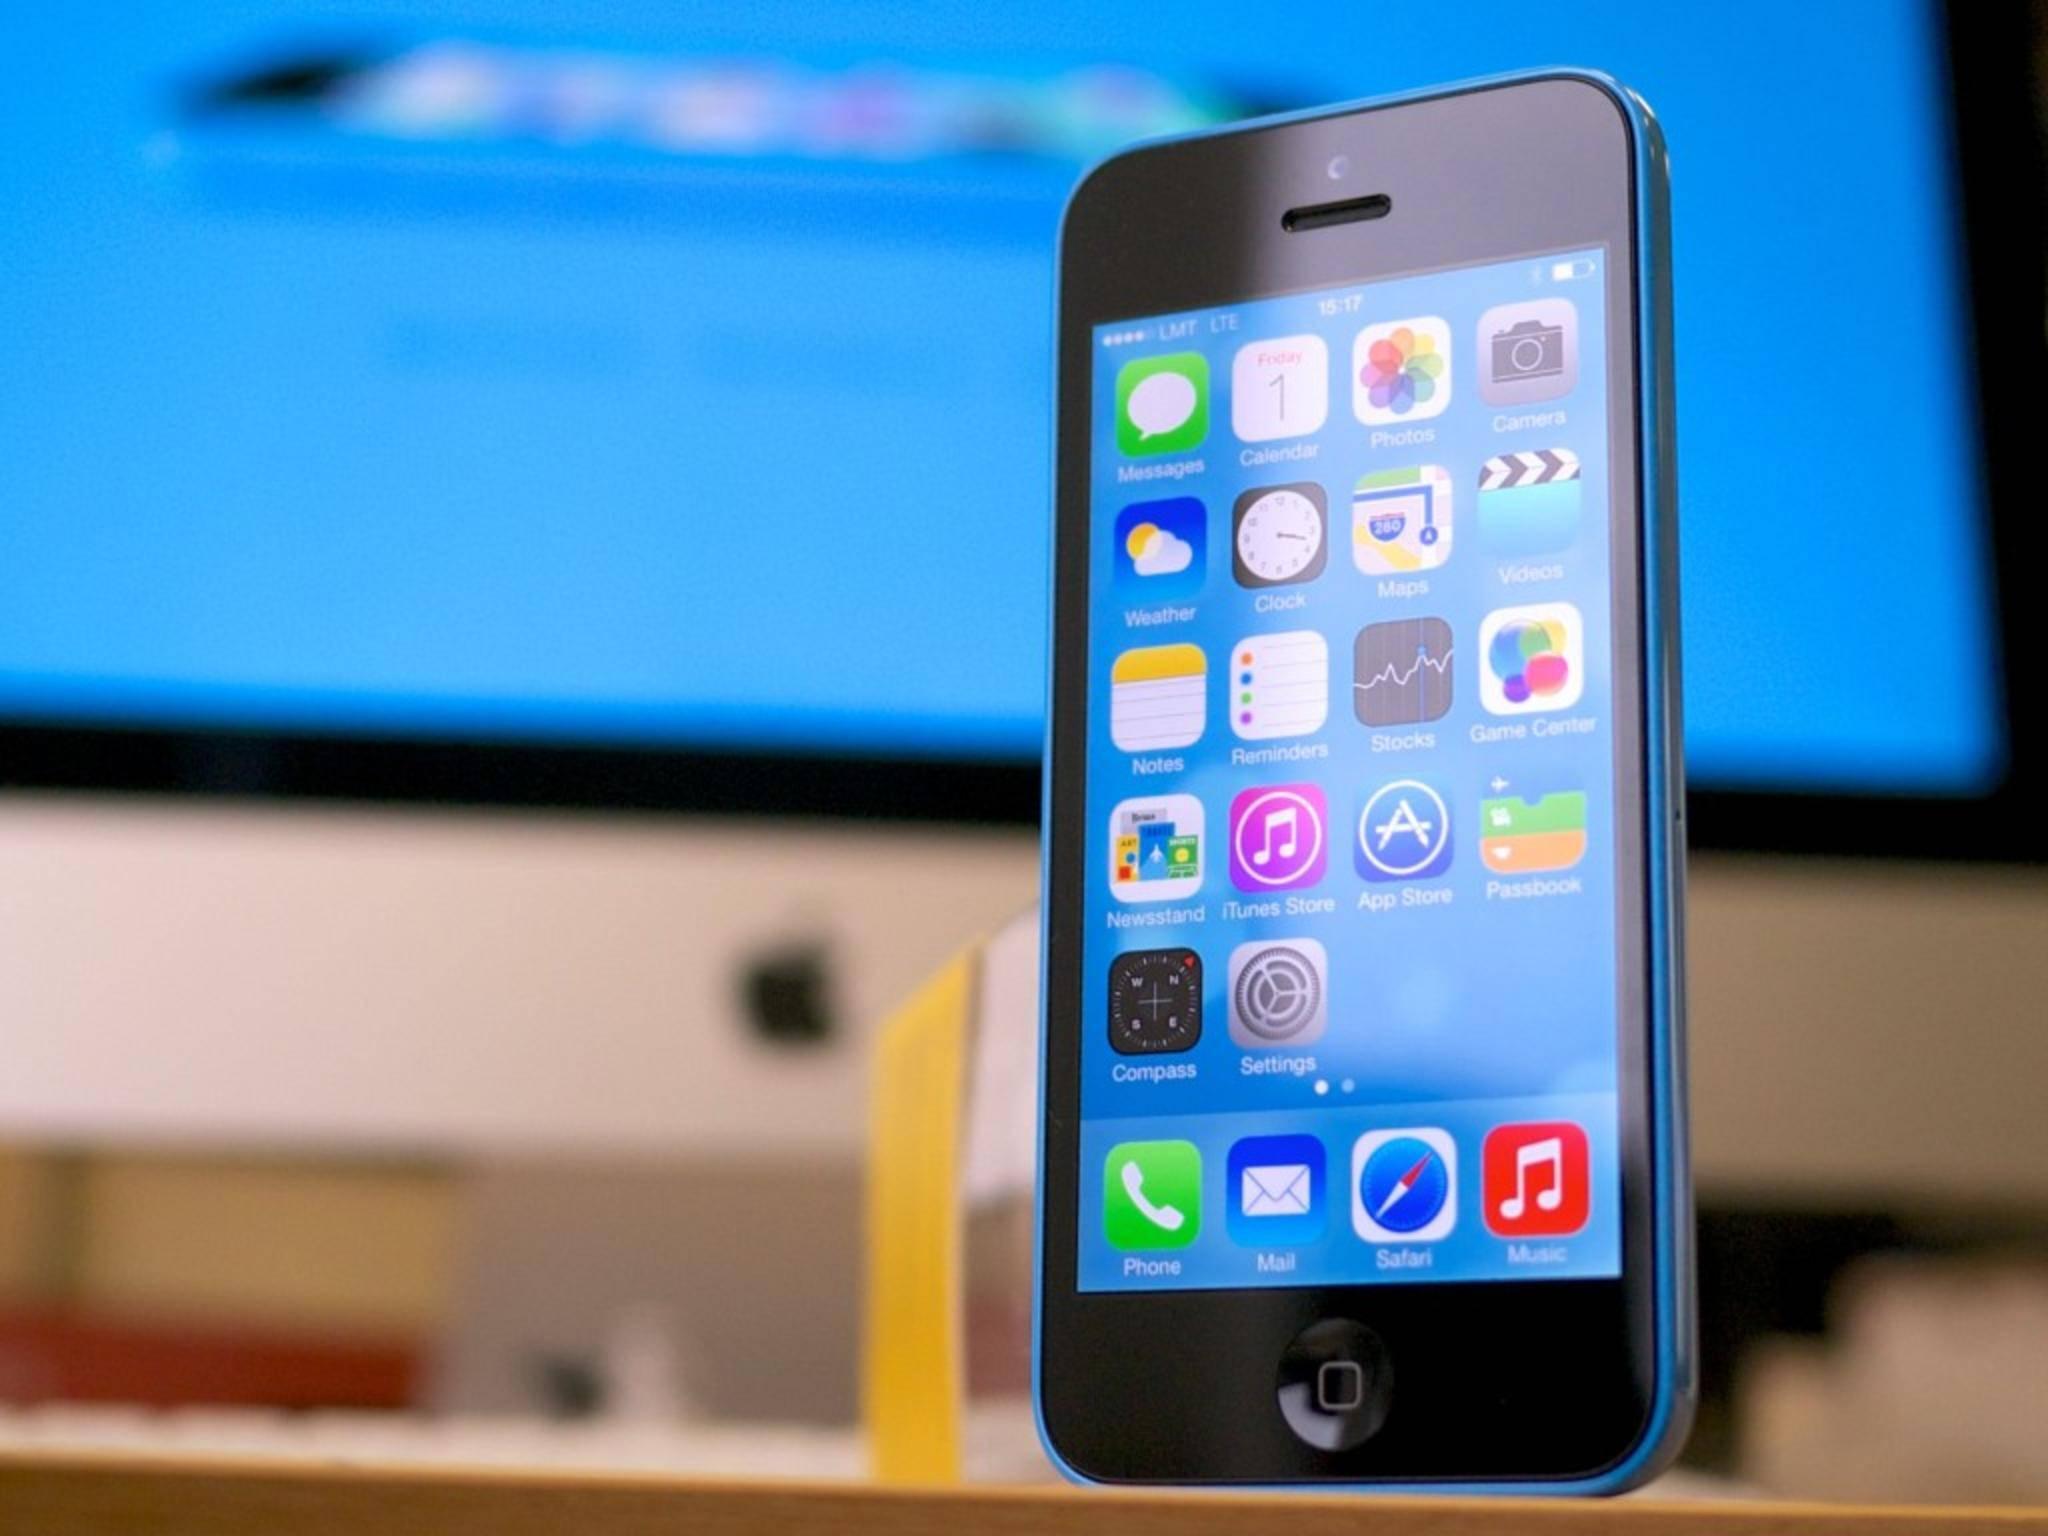 Am 15. März will Apple sein iPhone 5se offenbar enthüllen.